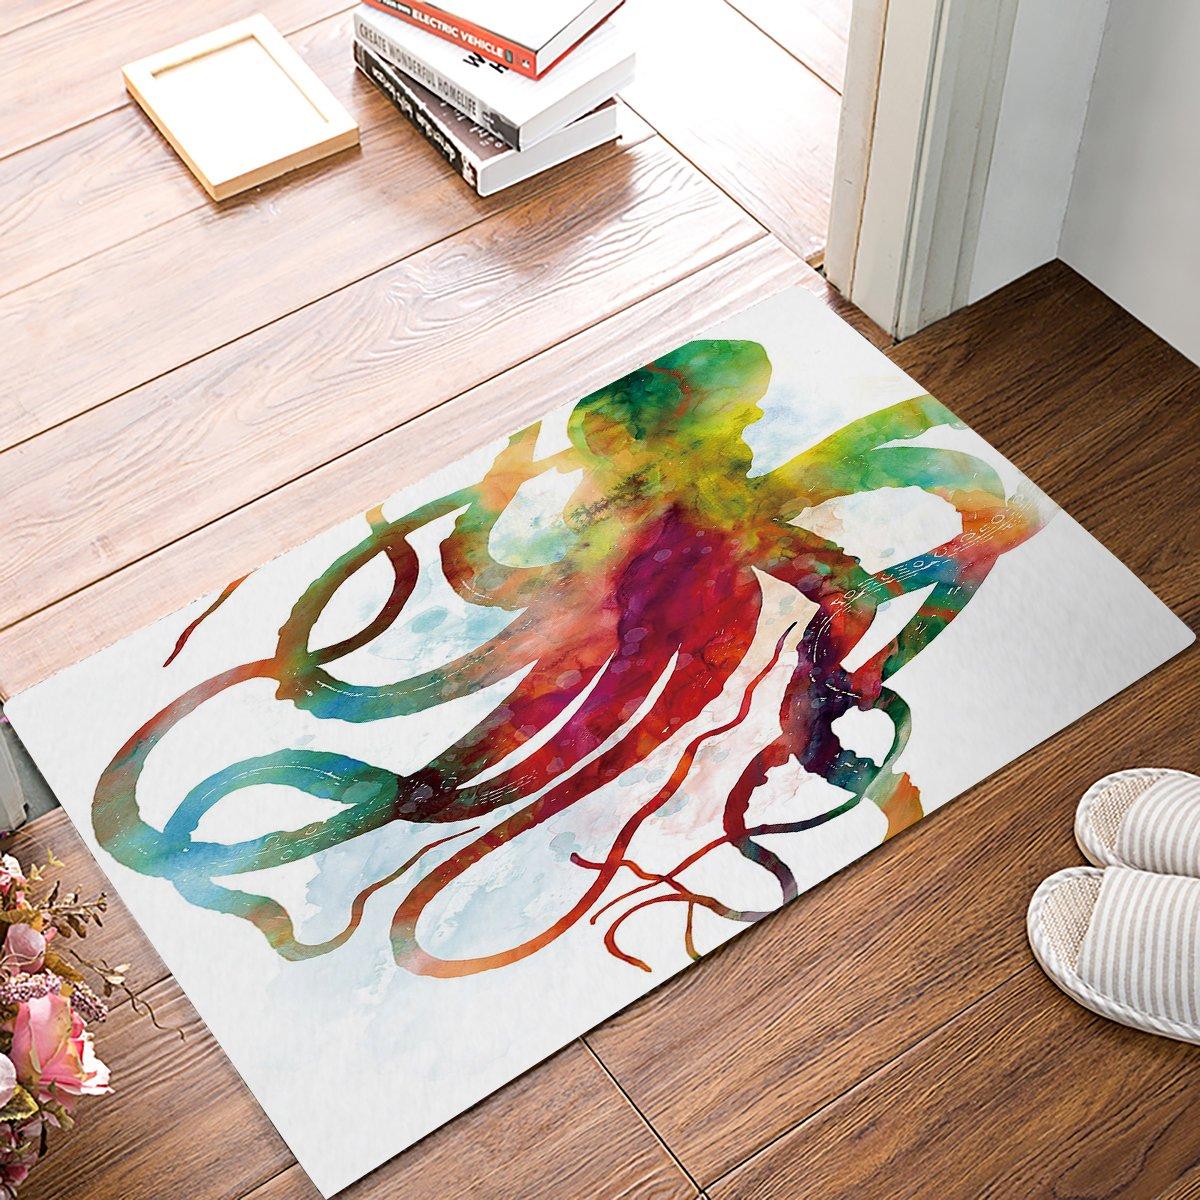 YEHO Art Gallery Indoor Outdoor Door Mat Welcome Mat Bath Mat Entrance Rug Floor Mats Shoe Scraper Doormat, Abstract Colorful Octopus Art Ocean Animal Design, 20x31.5 Inch